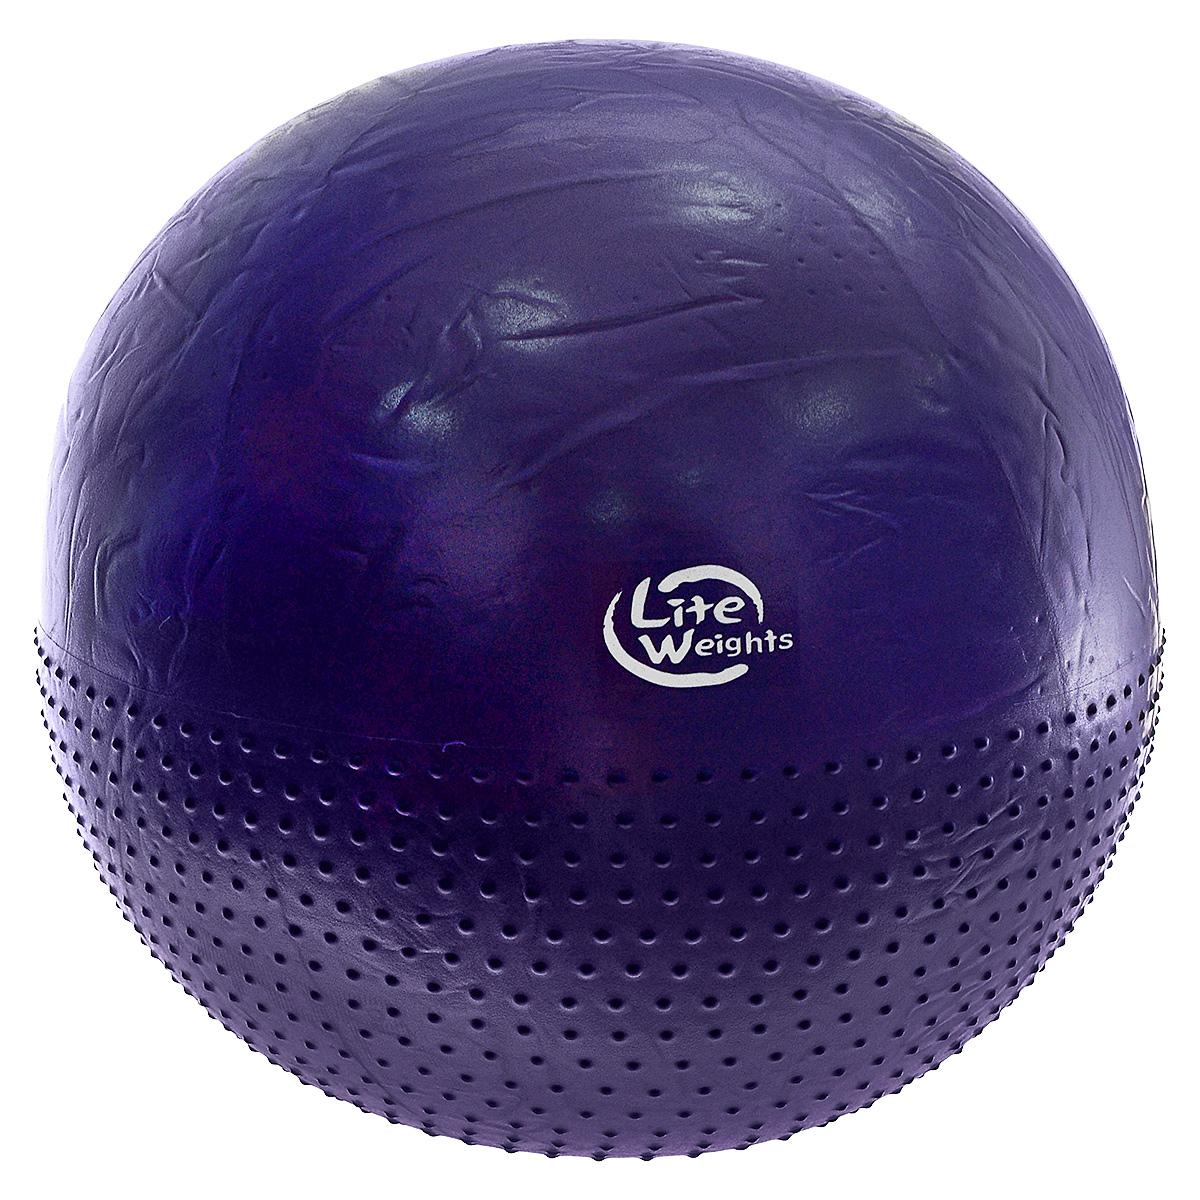 Мяч гимнастический Lite Weights, массажный, цвет: фиолетовый, диаметр 75 см. BB010-30233078Гимнастический мяч (фитбол) Lite Weights изготовлен из силикона. Мяч предназначен для занятий фитнесом, аэробикой, лечебной физкультурой, а также обеспечивает улучшение кровообращения. Фитбол является универсальным тренажером для всех групп мышц, помогает развить гибкость, исправить осанку, снимает чувство усталости в спине. Мяч Lite Weights снабжен системой Антивзрыв - специальный технологией, предупреждающей мяч от разрыва при сильной нагрузке. Благодаря пупырчатой поверхности, фитбол можно использовать для массажа, выполняя несложные упражнения. Преимущества гимнастических мячей: - их могут использовать люди, страдающие лишним весом и варикозным расширением вен; - во время тренировки задействуются практически все группы мышц;- используются при занятиях лечебной гимнастикой, аэробикой, фитнесом;- способствуют восстановлению мышечных функций и улучшению здоровья в целом.В комплект входит пластиковый ручной насос.Йога: все, что нужно начинающим и опытным практикам. Статья OZON Гид